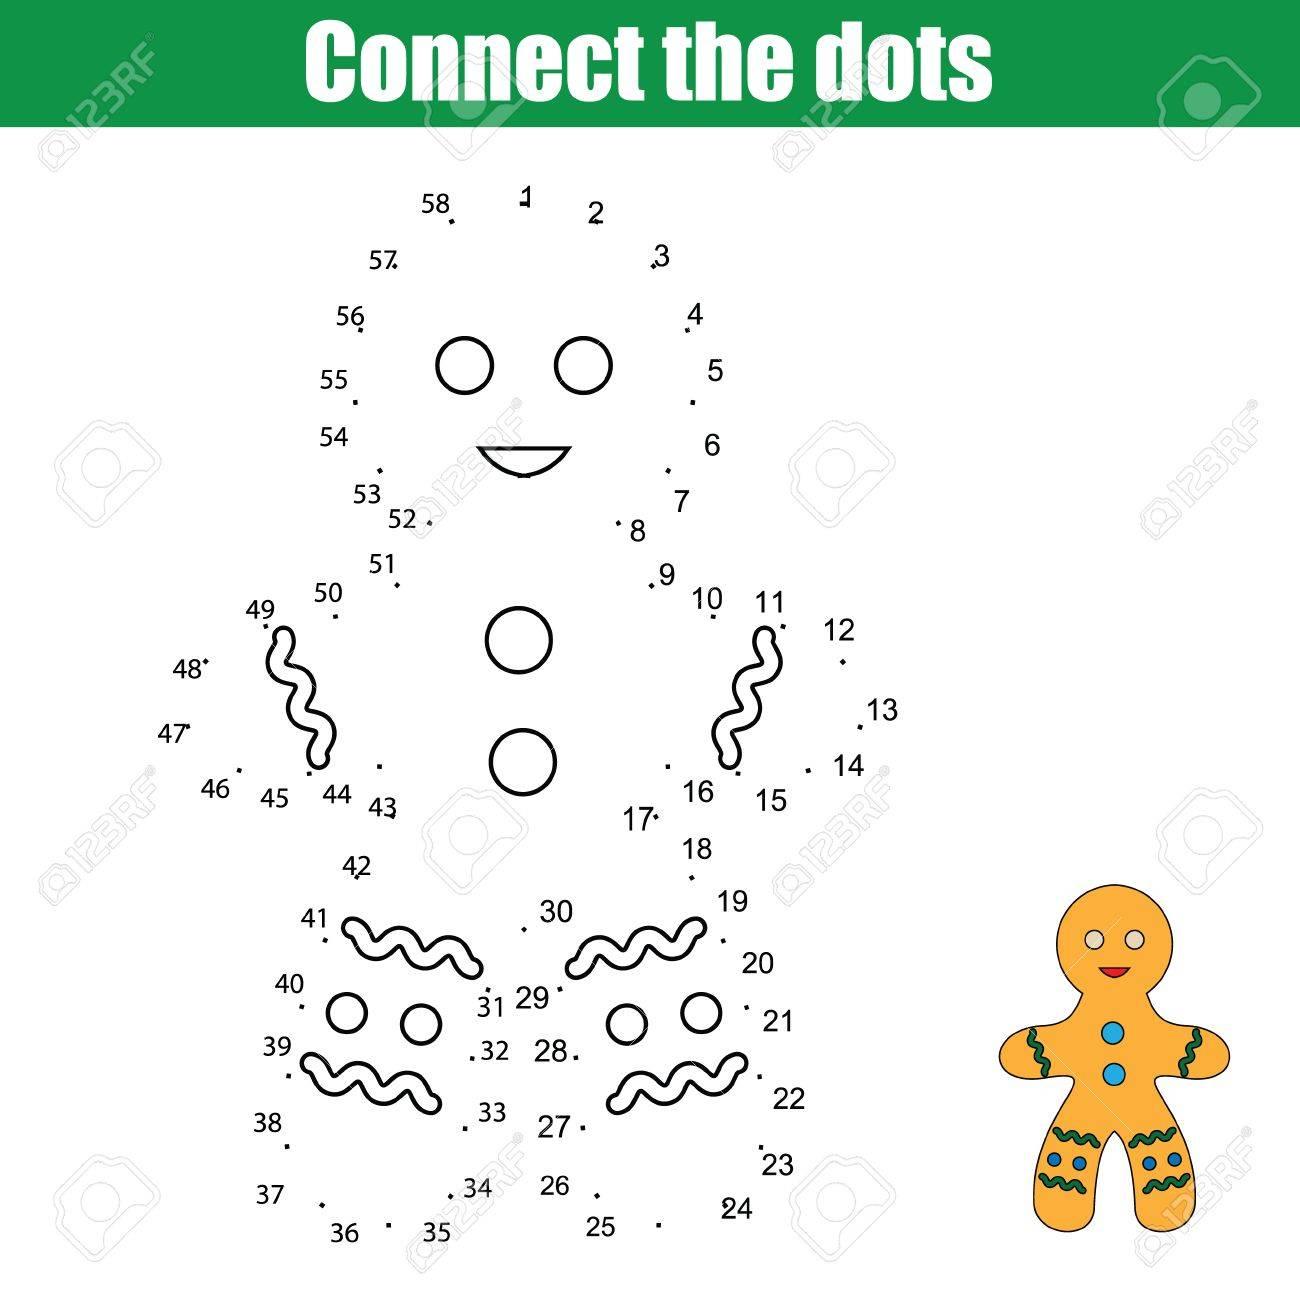 Conectar Los Puntos Hijos Juego De Dibujo Educativo Punto A Punto Por Los Números De Juego Para Niños Navidad Vacaciones De Invierno Tema